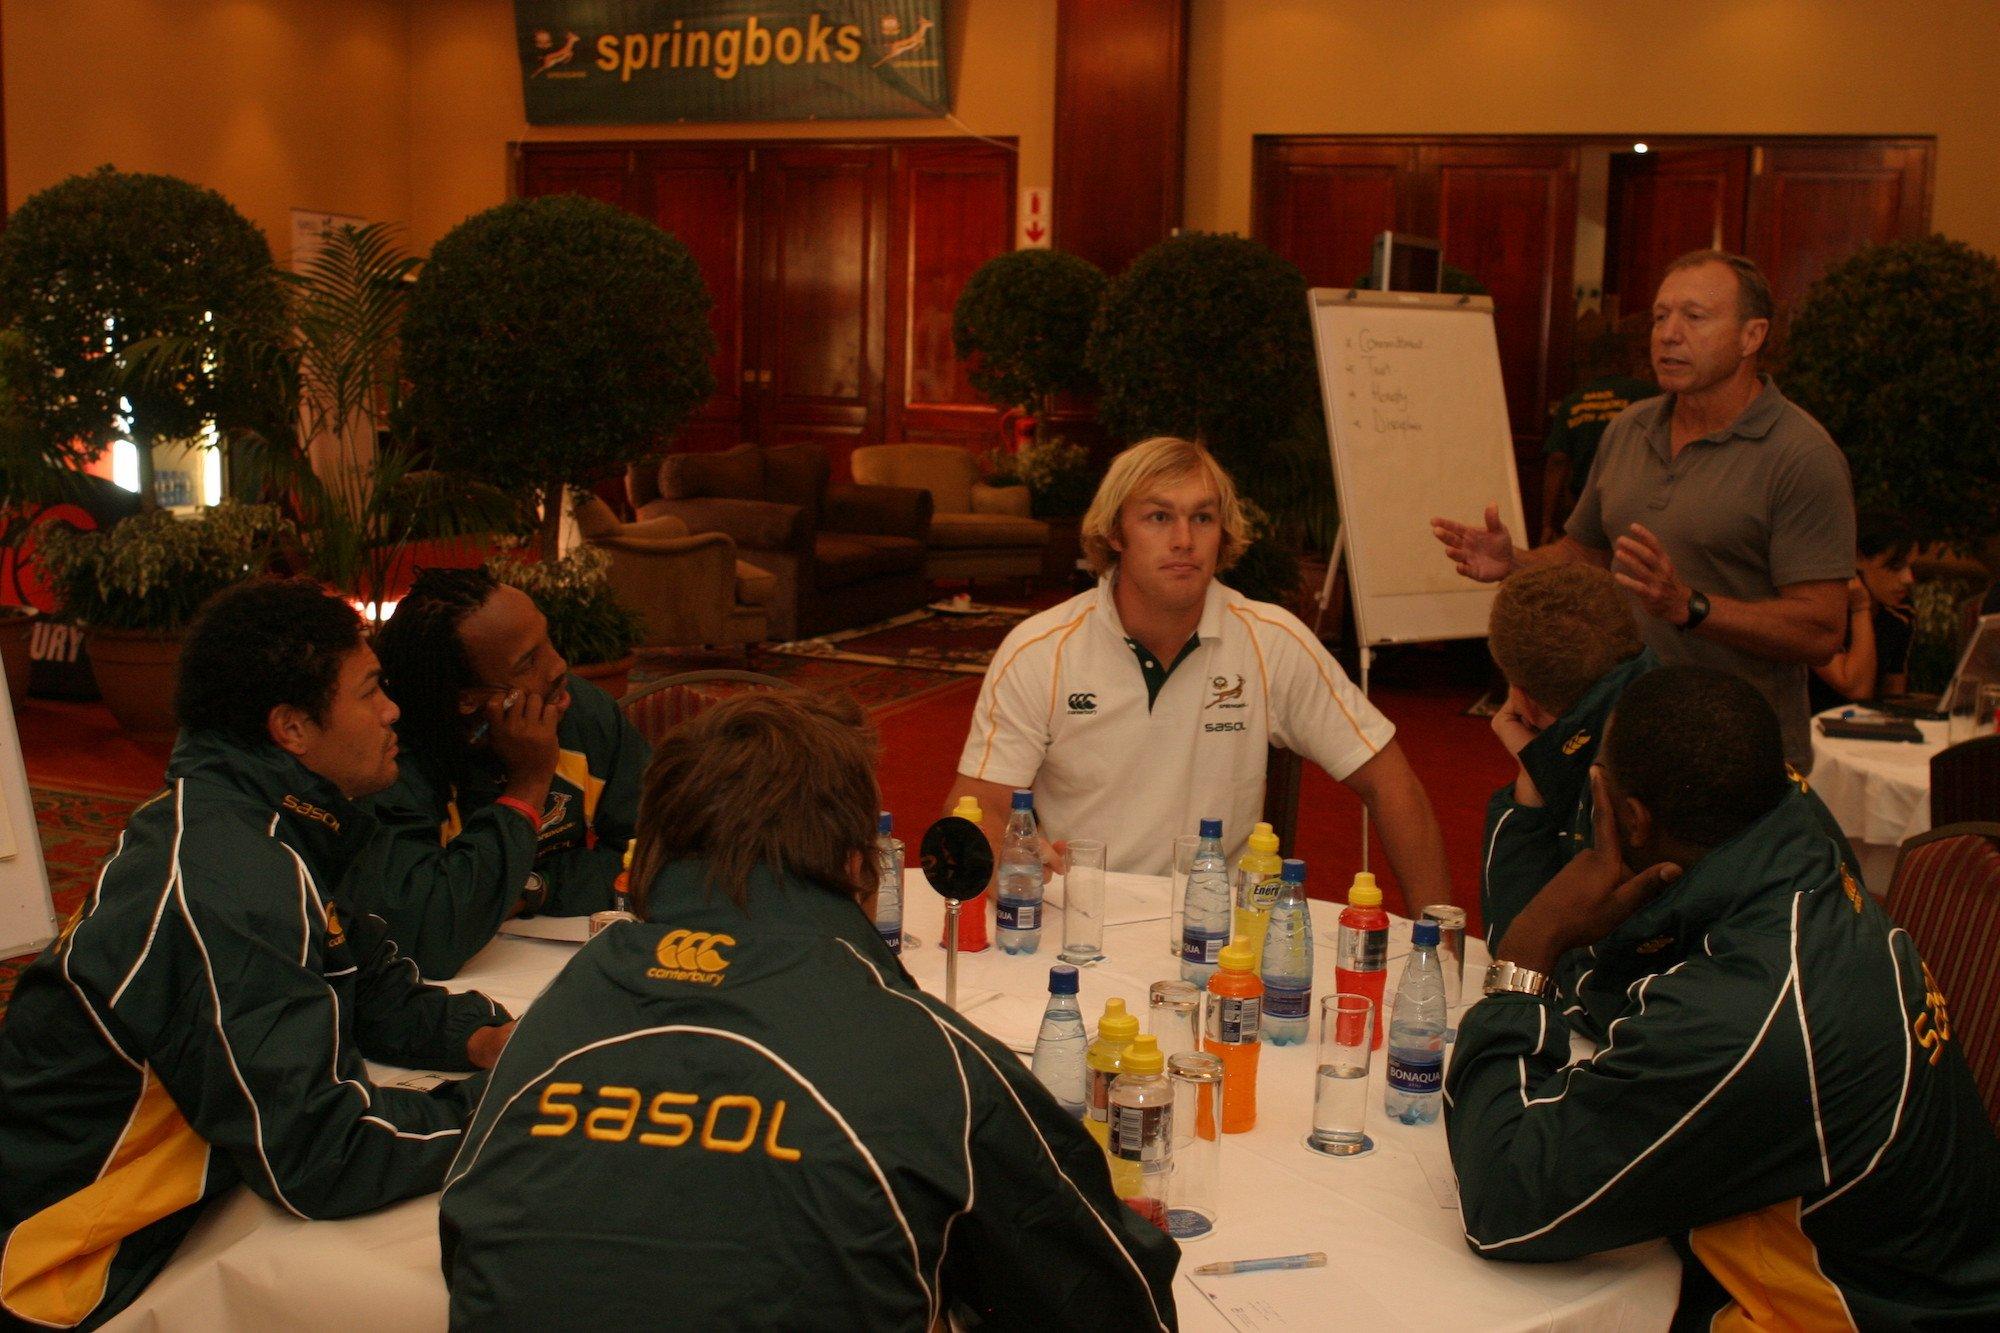 springboks motivational speaker dr steve harris 1